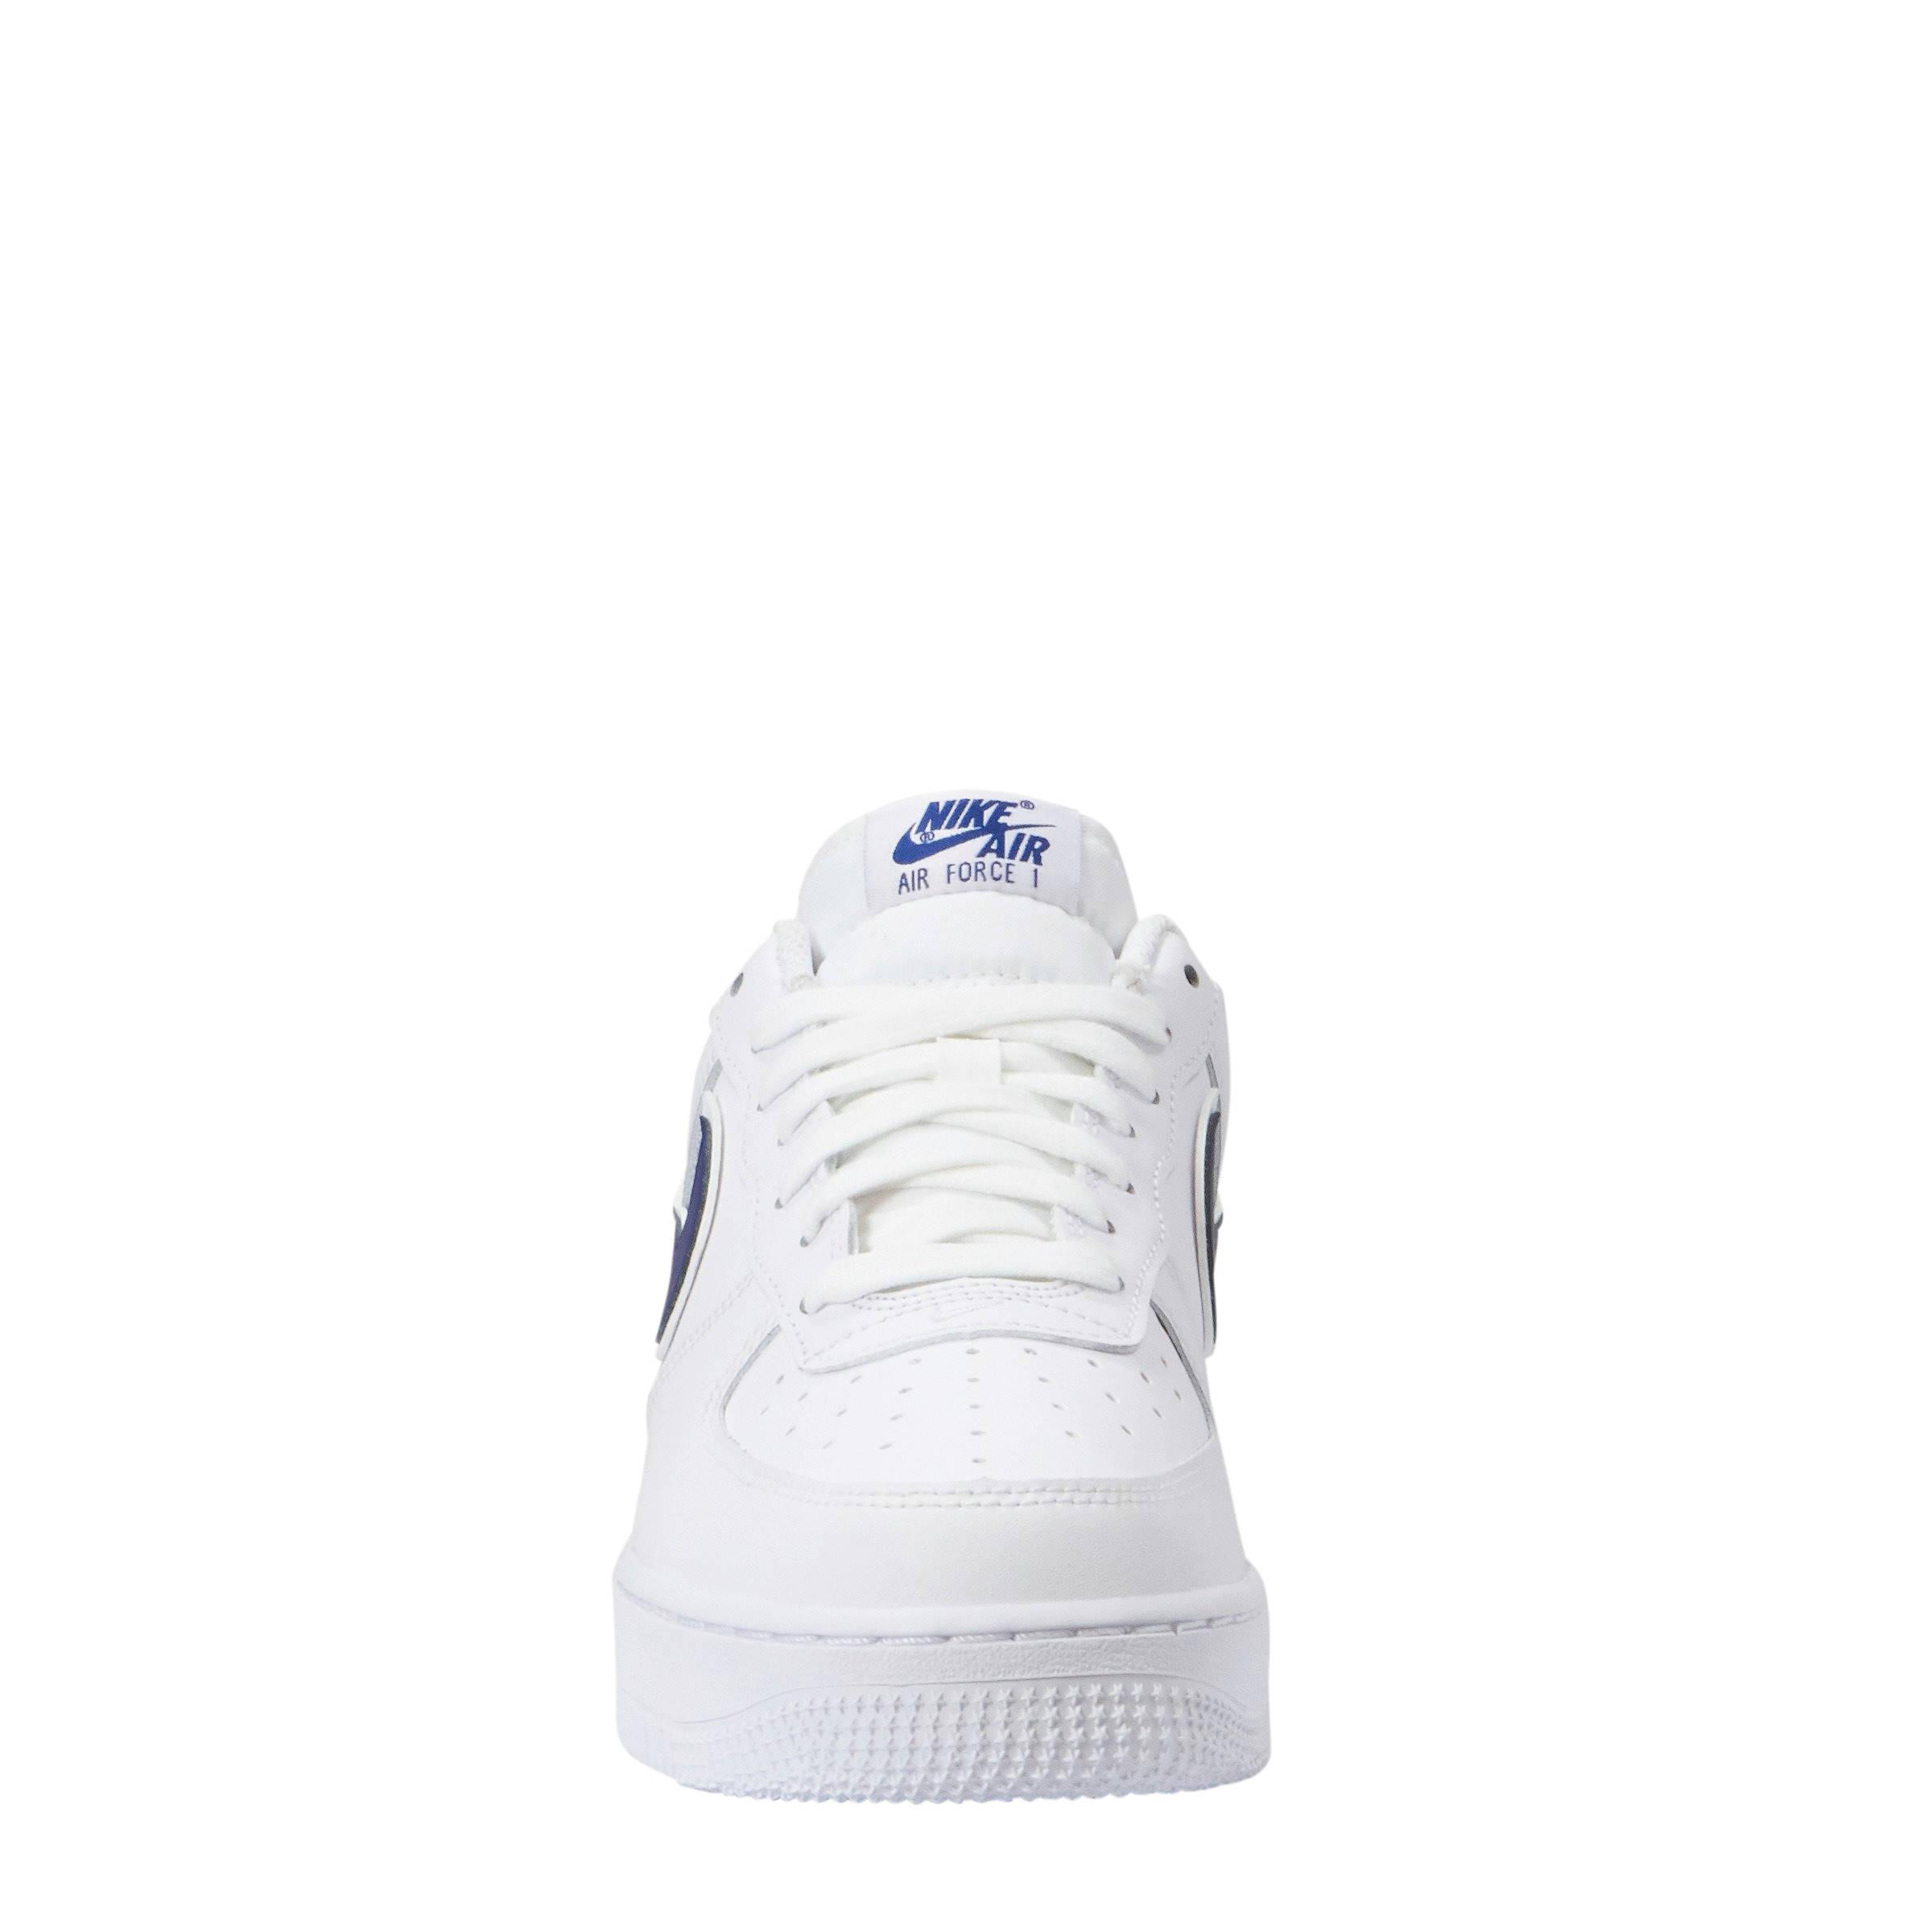 Nike Air Force 1 '07 3 sneakers leer wit/blauw | wehkamp